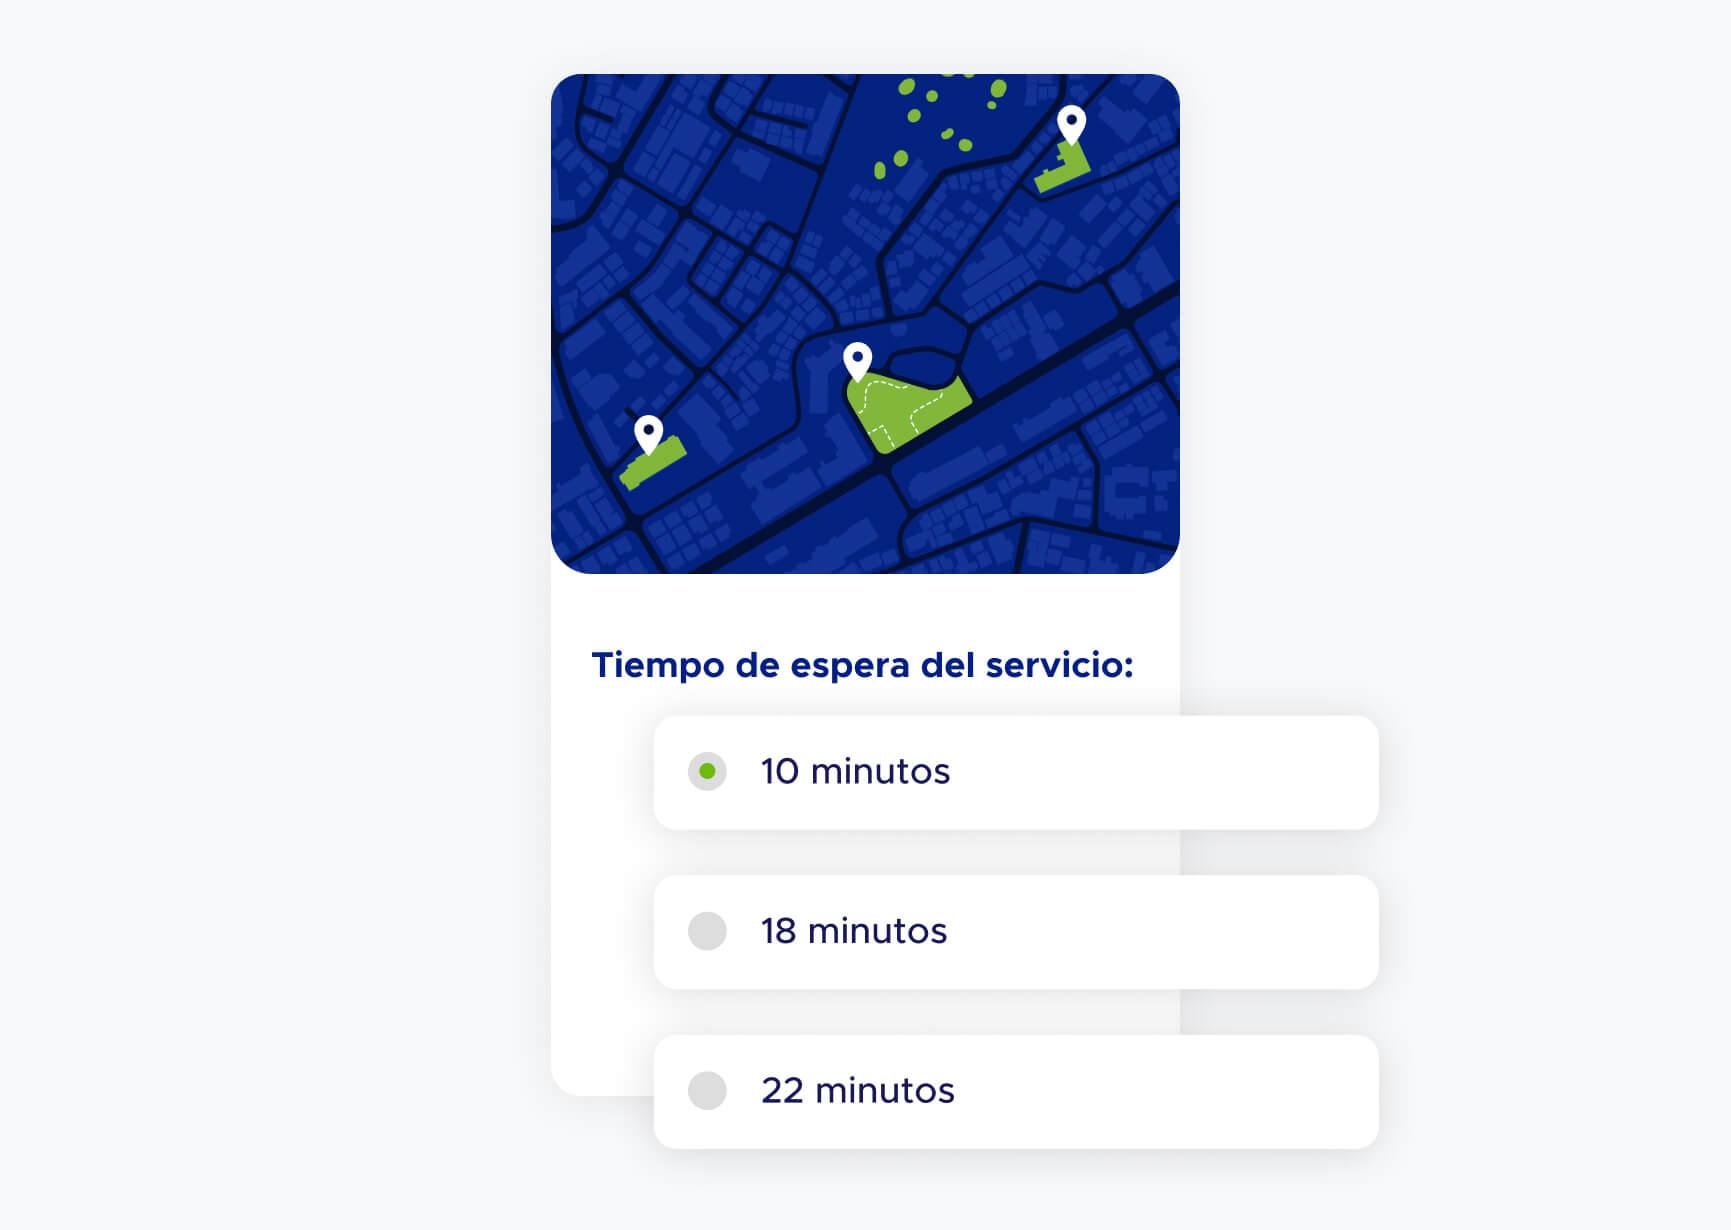 Pantalla de ticket virtual con tiempos de atención de lugares cercanos